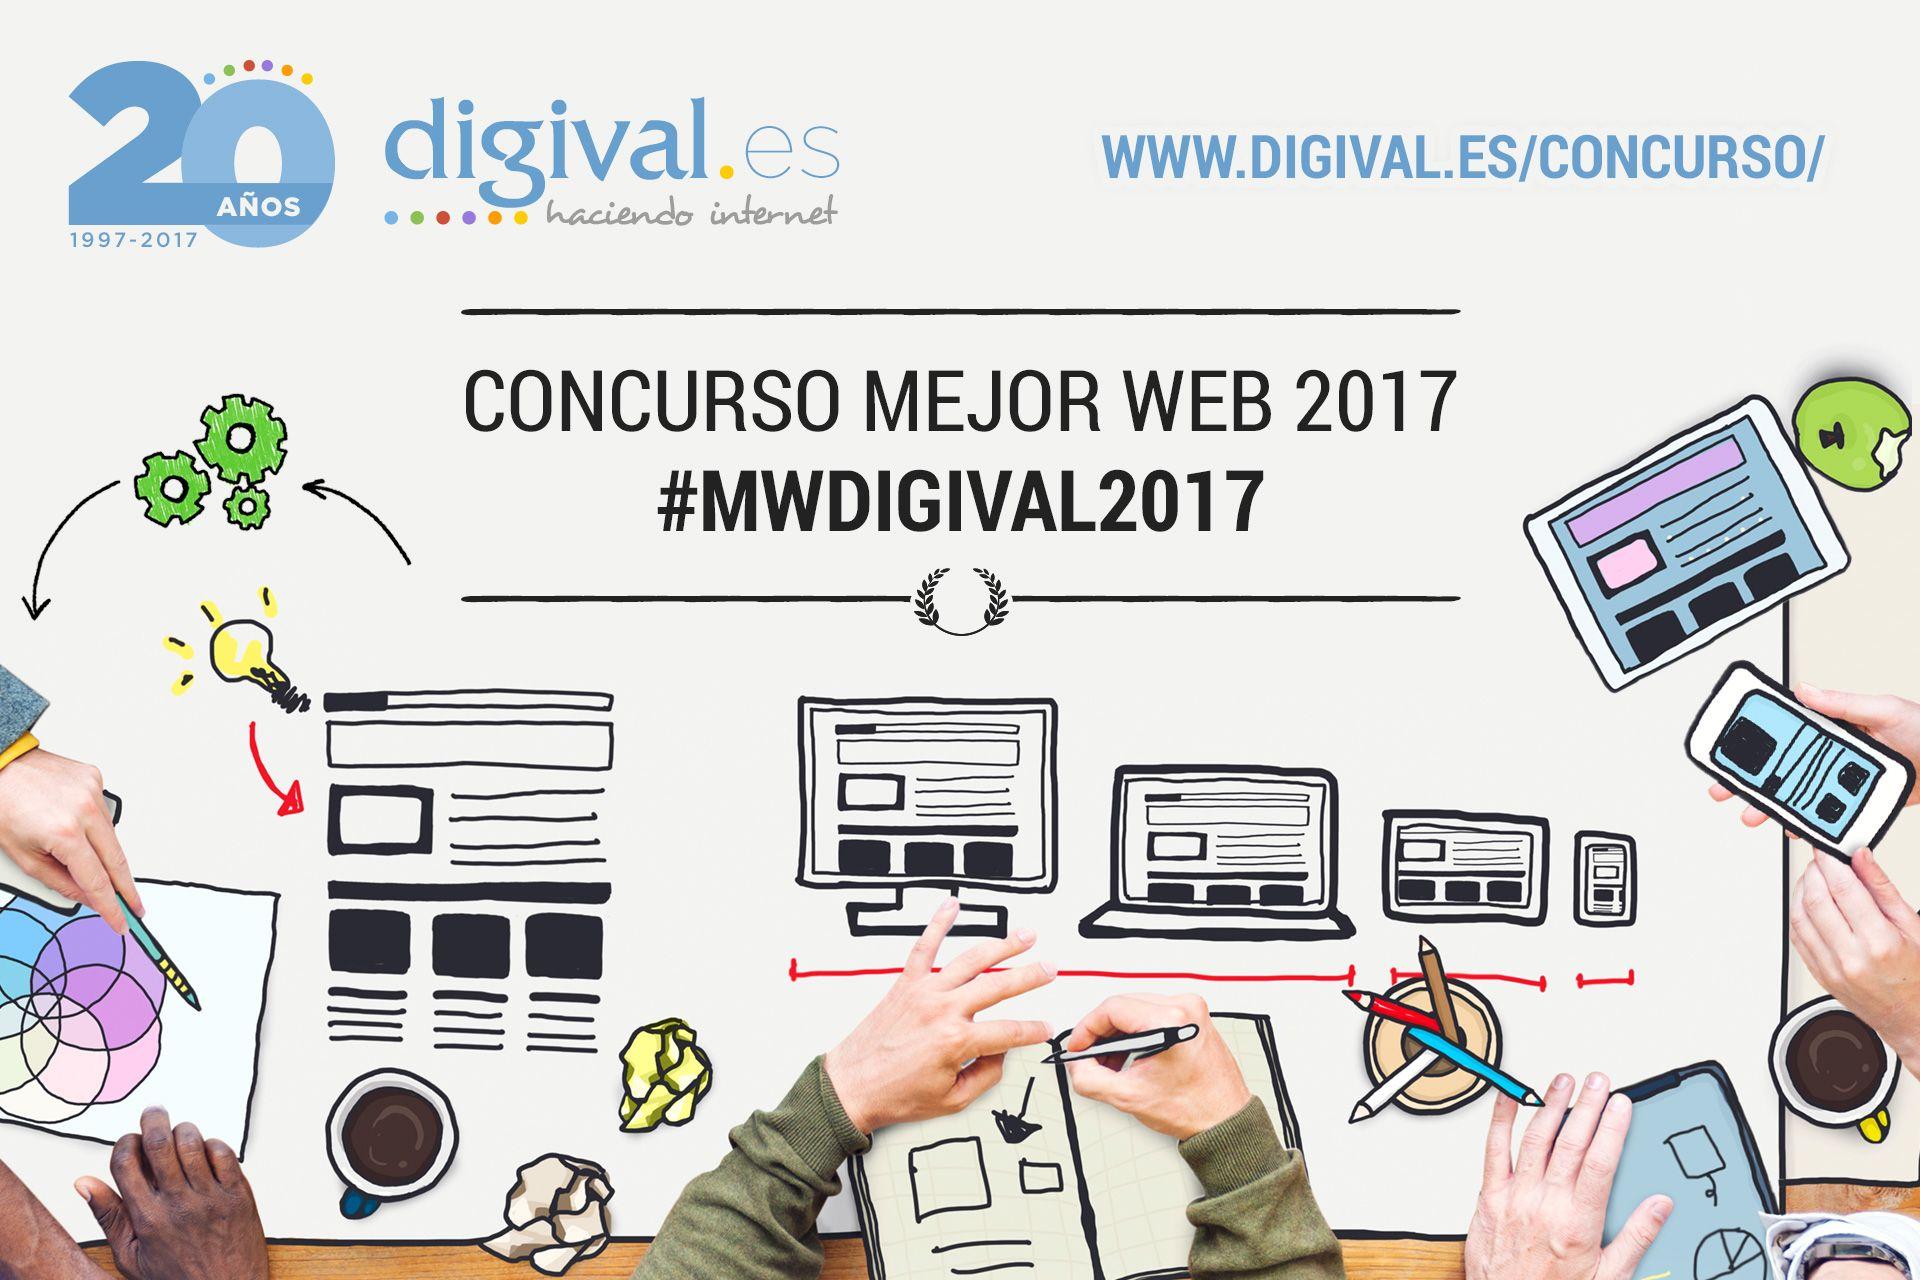 Llega el concurso Mejor Web Digival.es 2017